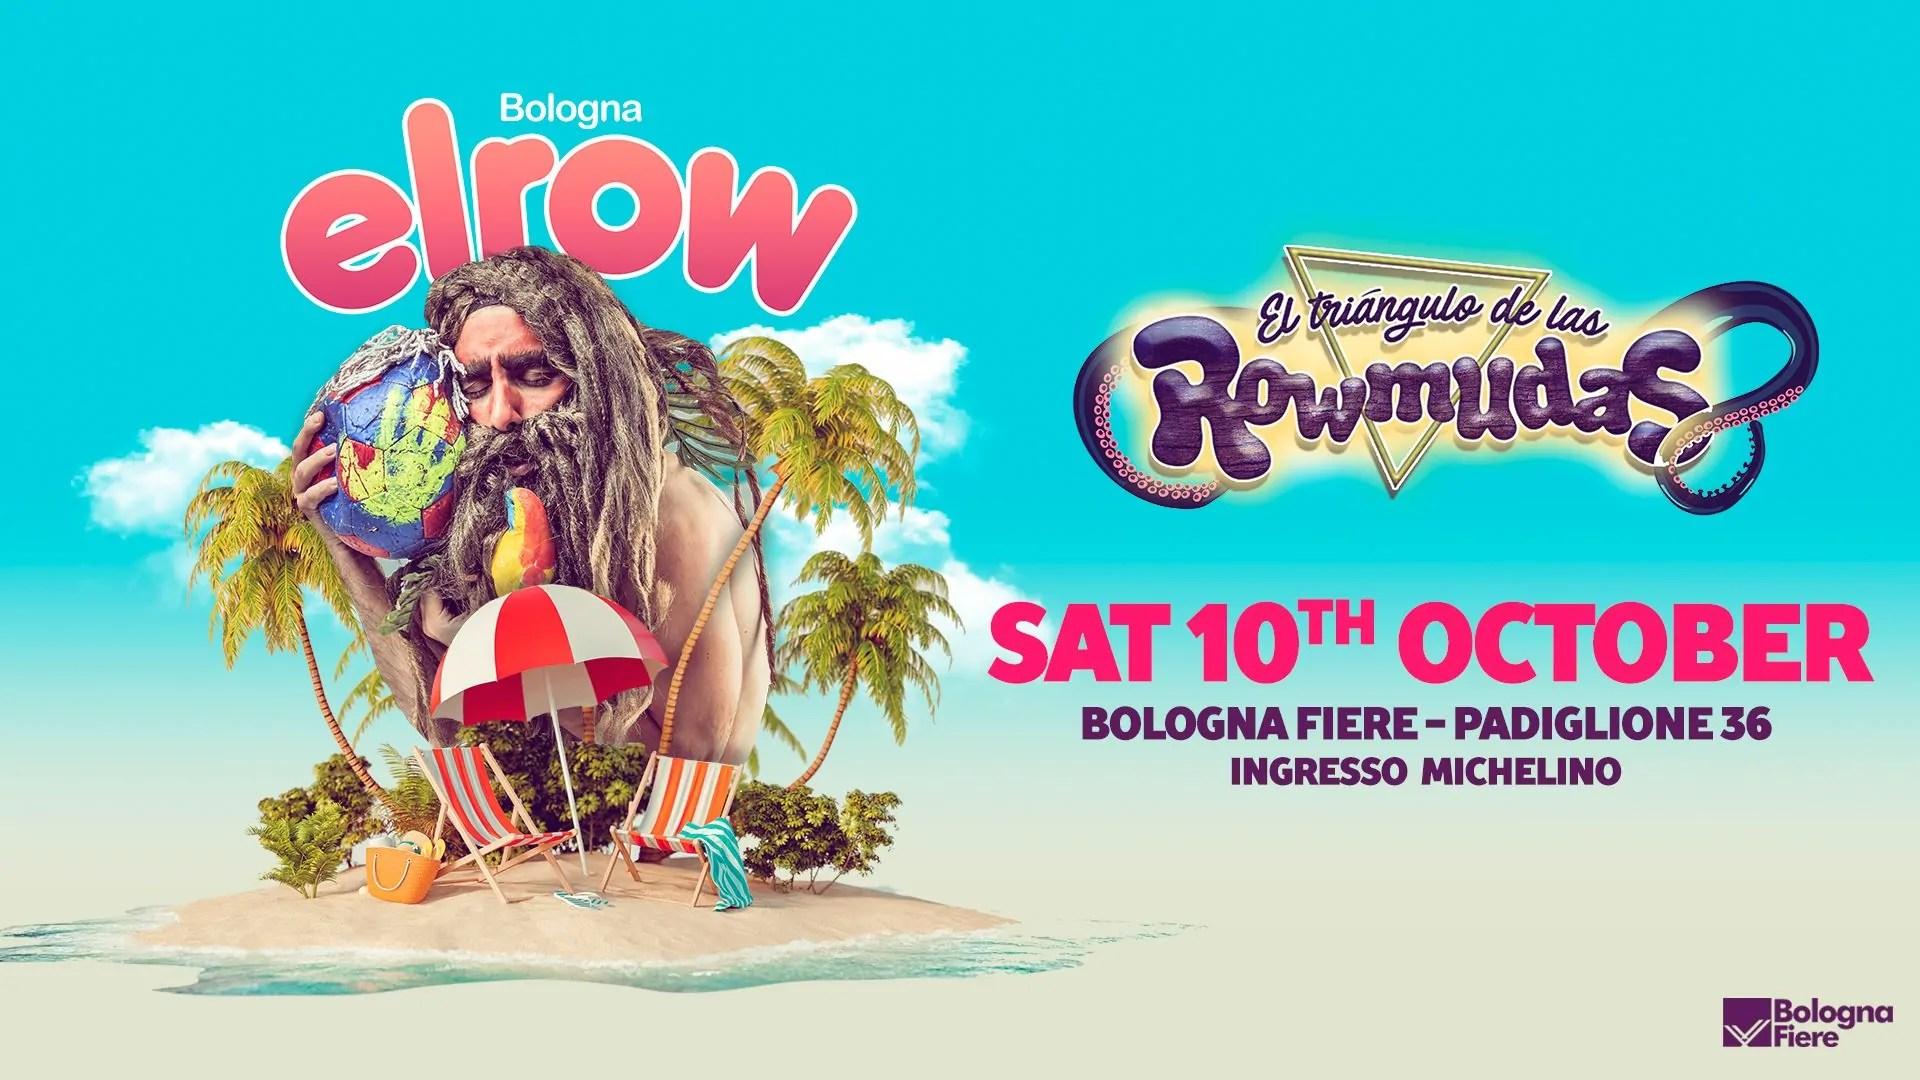 ELROW Bologna Fiera 2020 Sabato 10 Ottobre Ticket in Prevendita – Biglietti 18app – Tavoli – Pacchetti Hotel